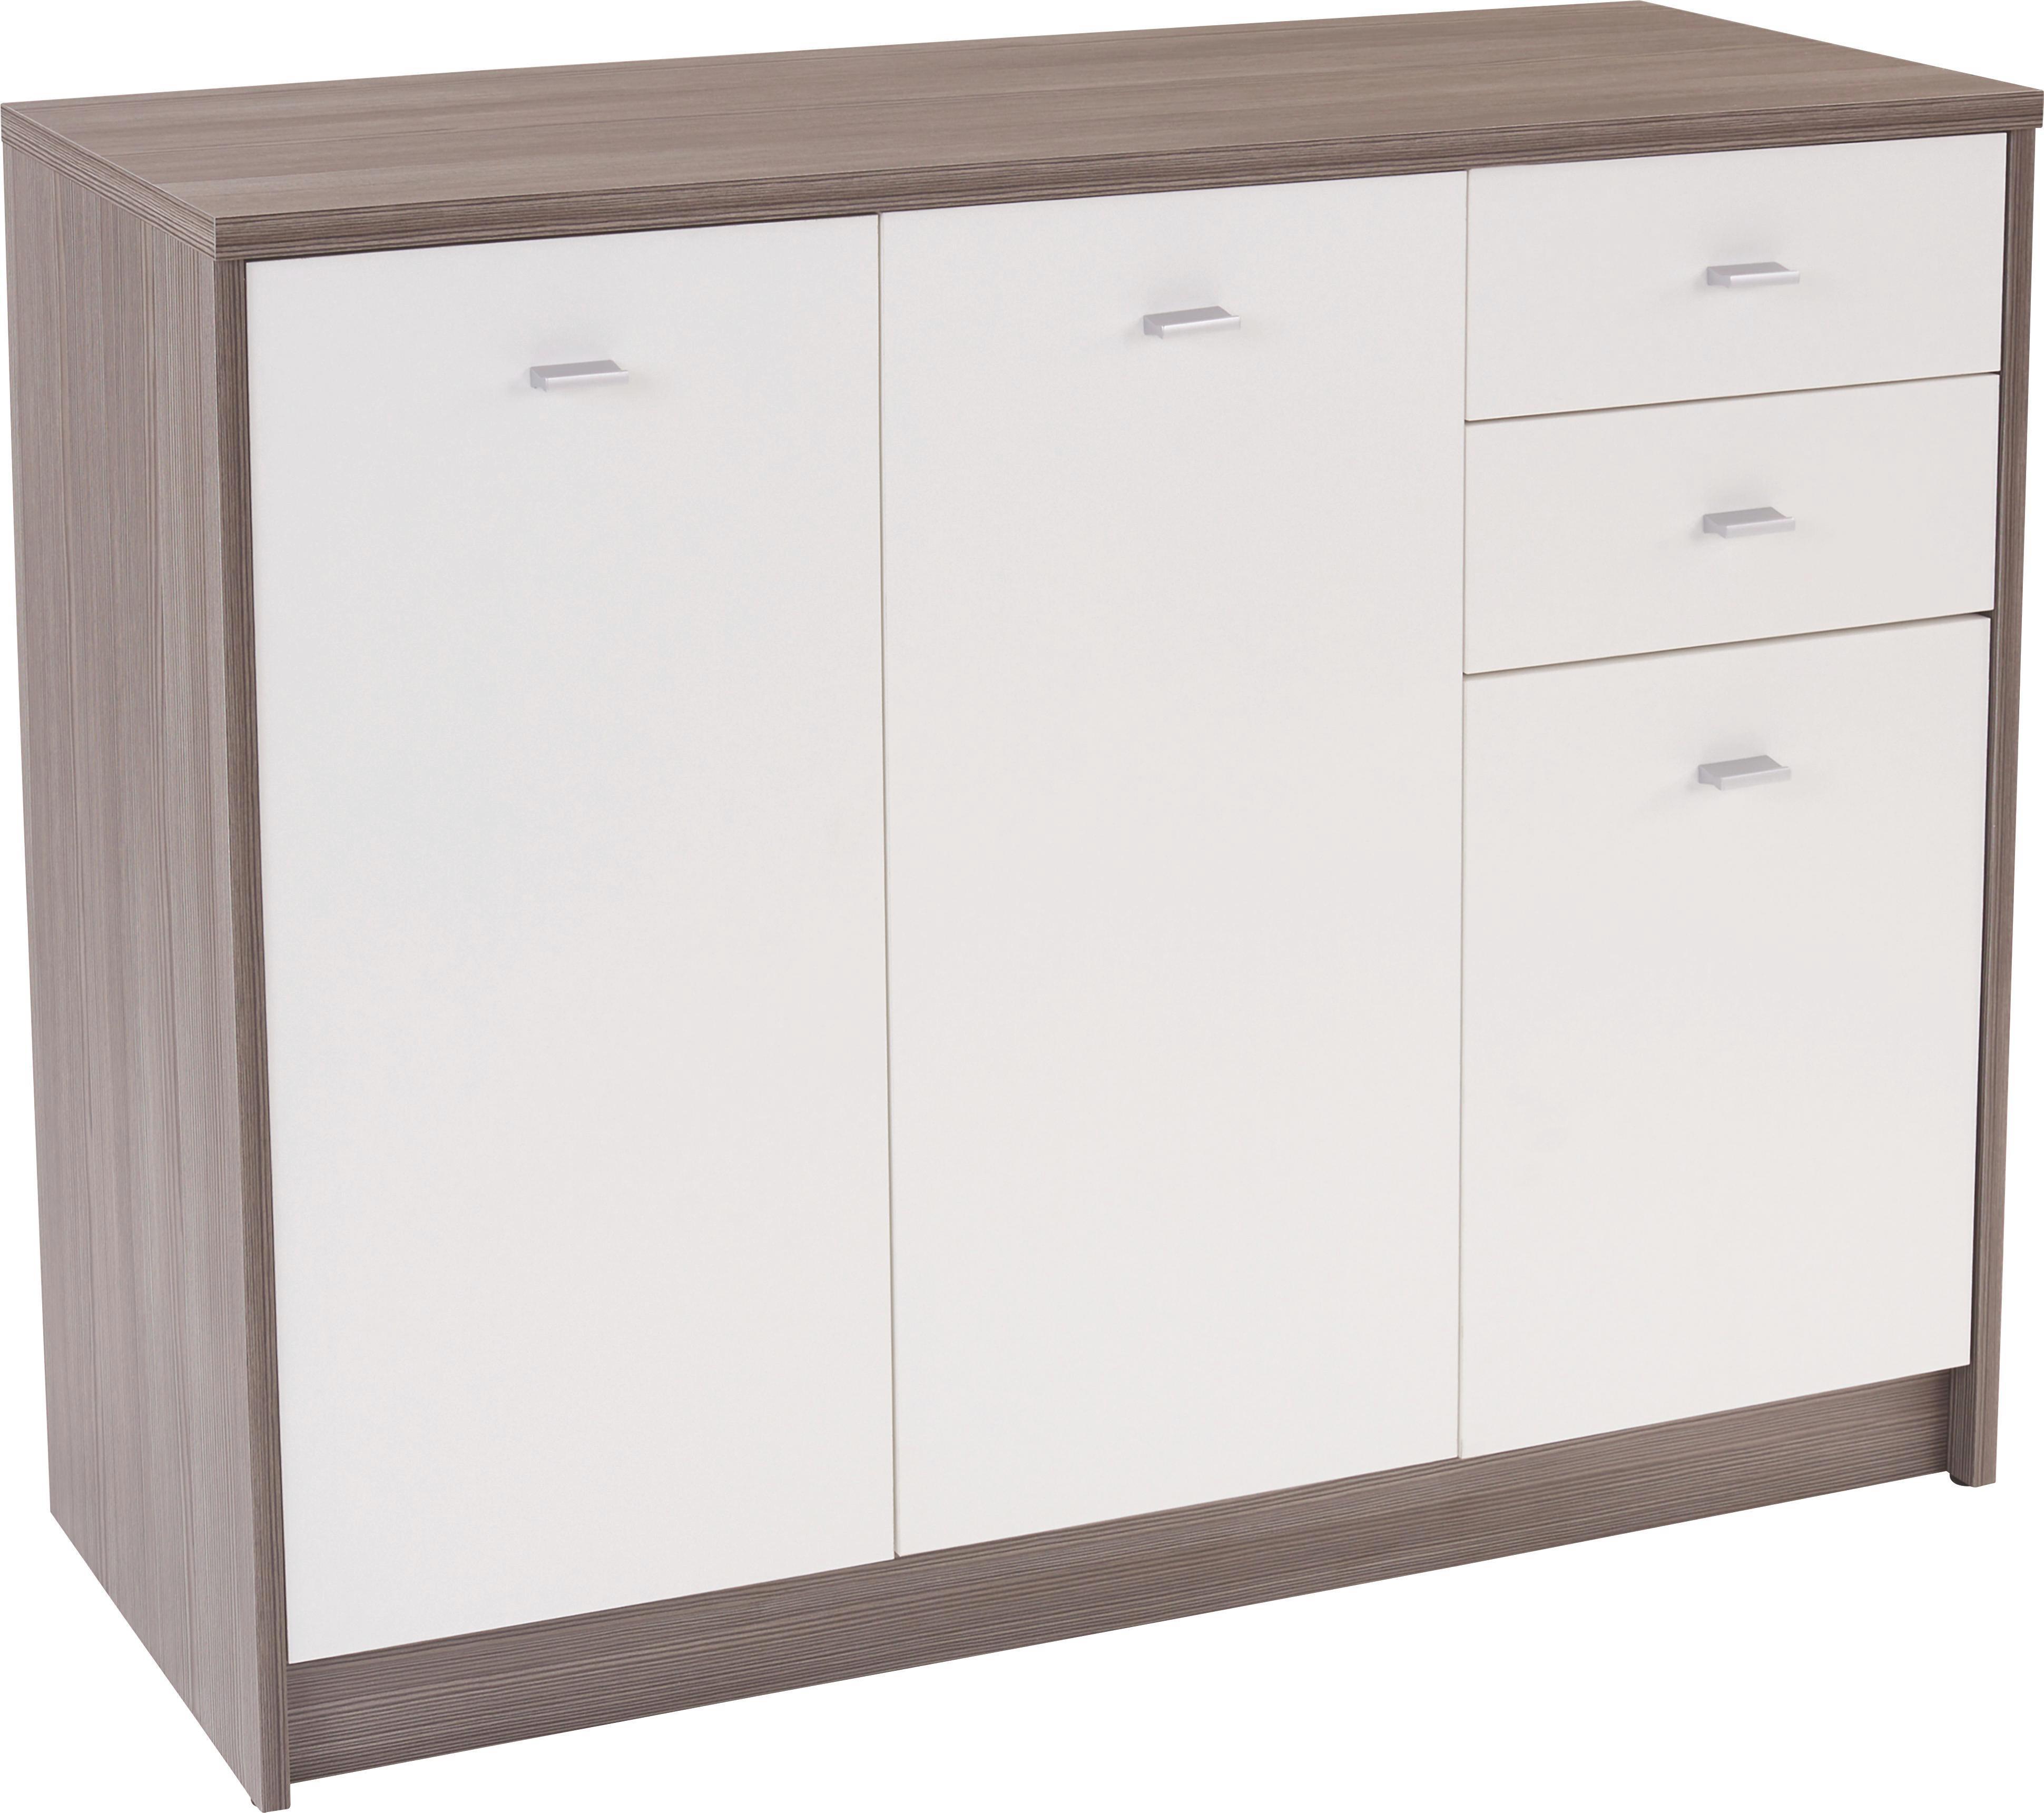 Komoda 4-you Yuk05 - biela/tmavohnedá, Moderný, drevený materiál (109,1/85,4/34,6cm)